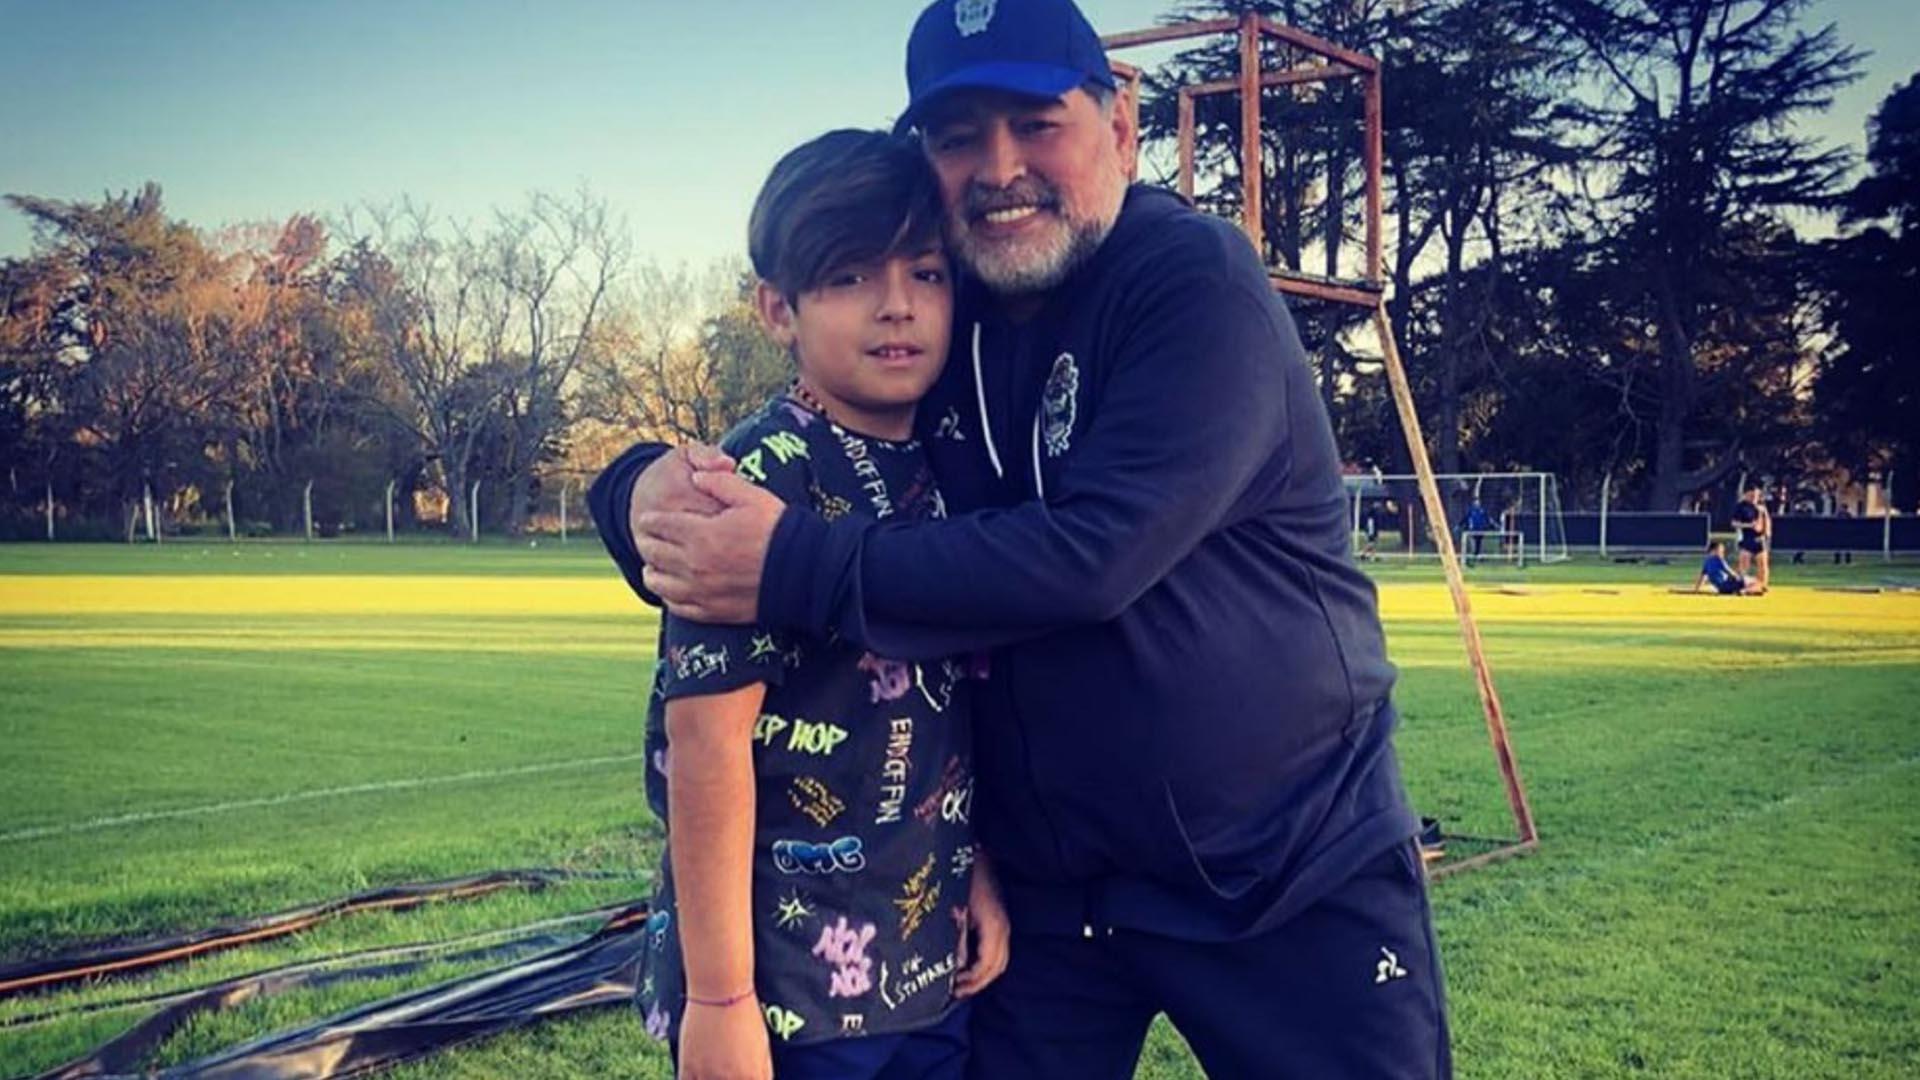 Quién gestó el encuentro de Diego Maradona con su nieto, Benjamín Agüero, y  de qué manera reaccionó Claudia Villafañe - Infobae